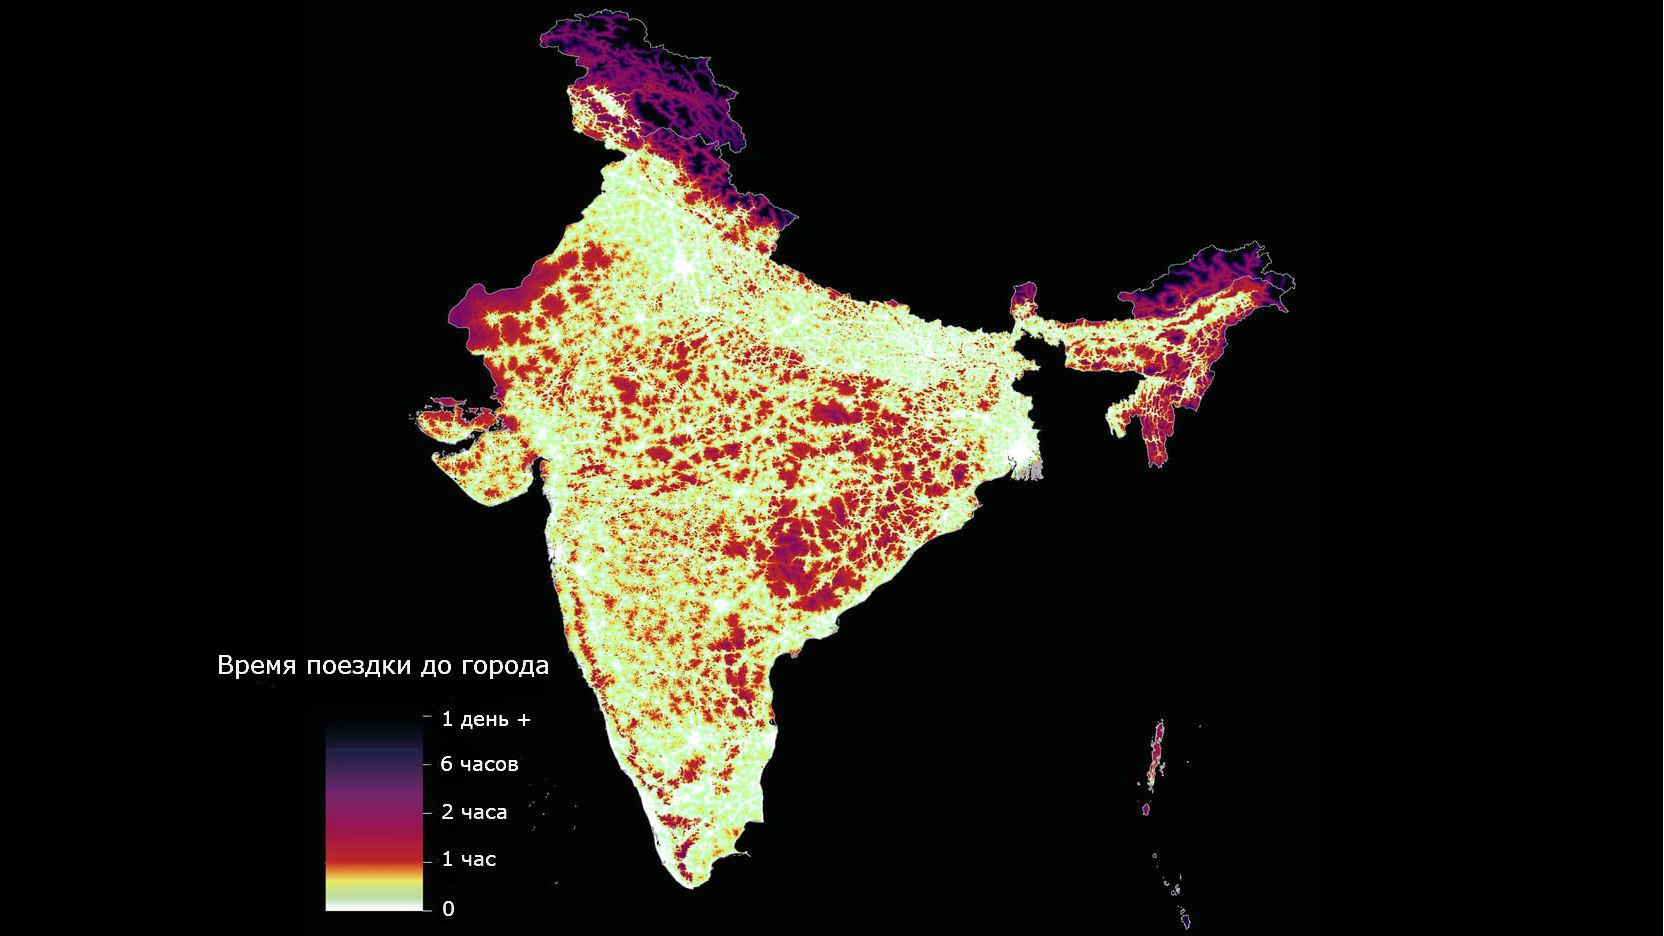 Индия покрыта сплошной сетью городов, до которых большая часть сельского населения может добраться в пределах нескольких часов.